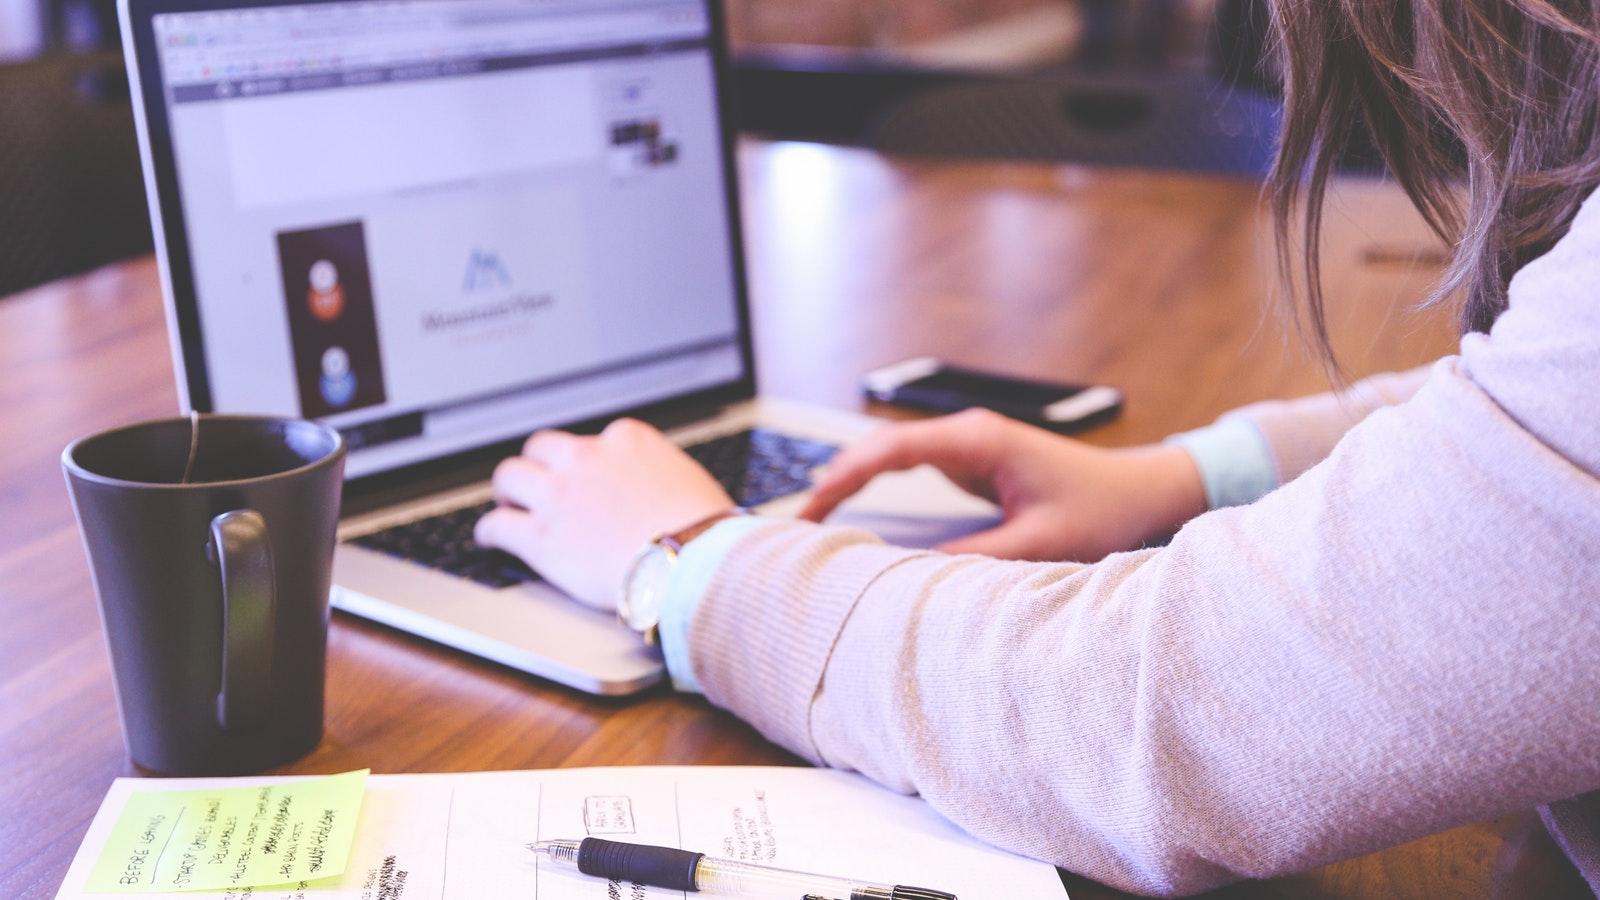 Sınıfınızın Gerisinde Olduğunuzu Hissettiğinizde Size Yardımcı Olabilecek 5 Madde!